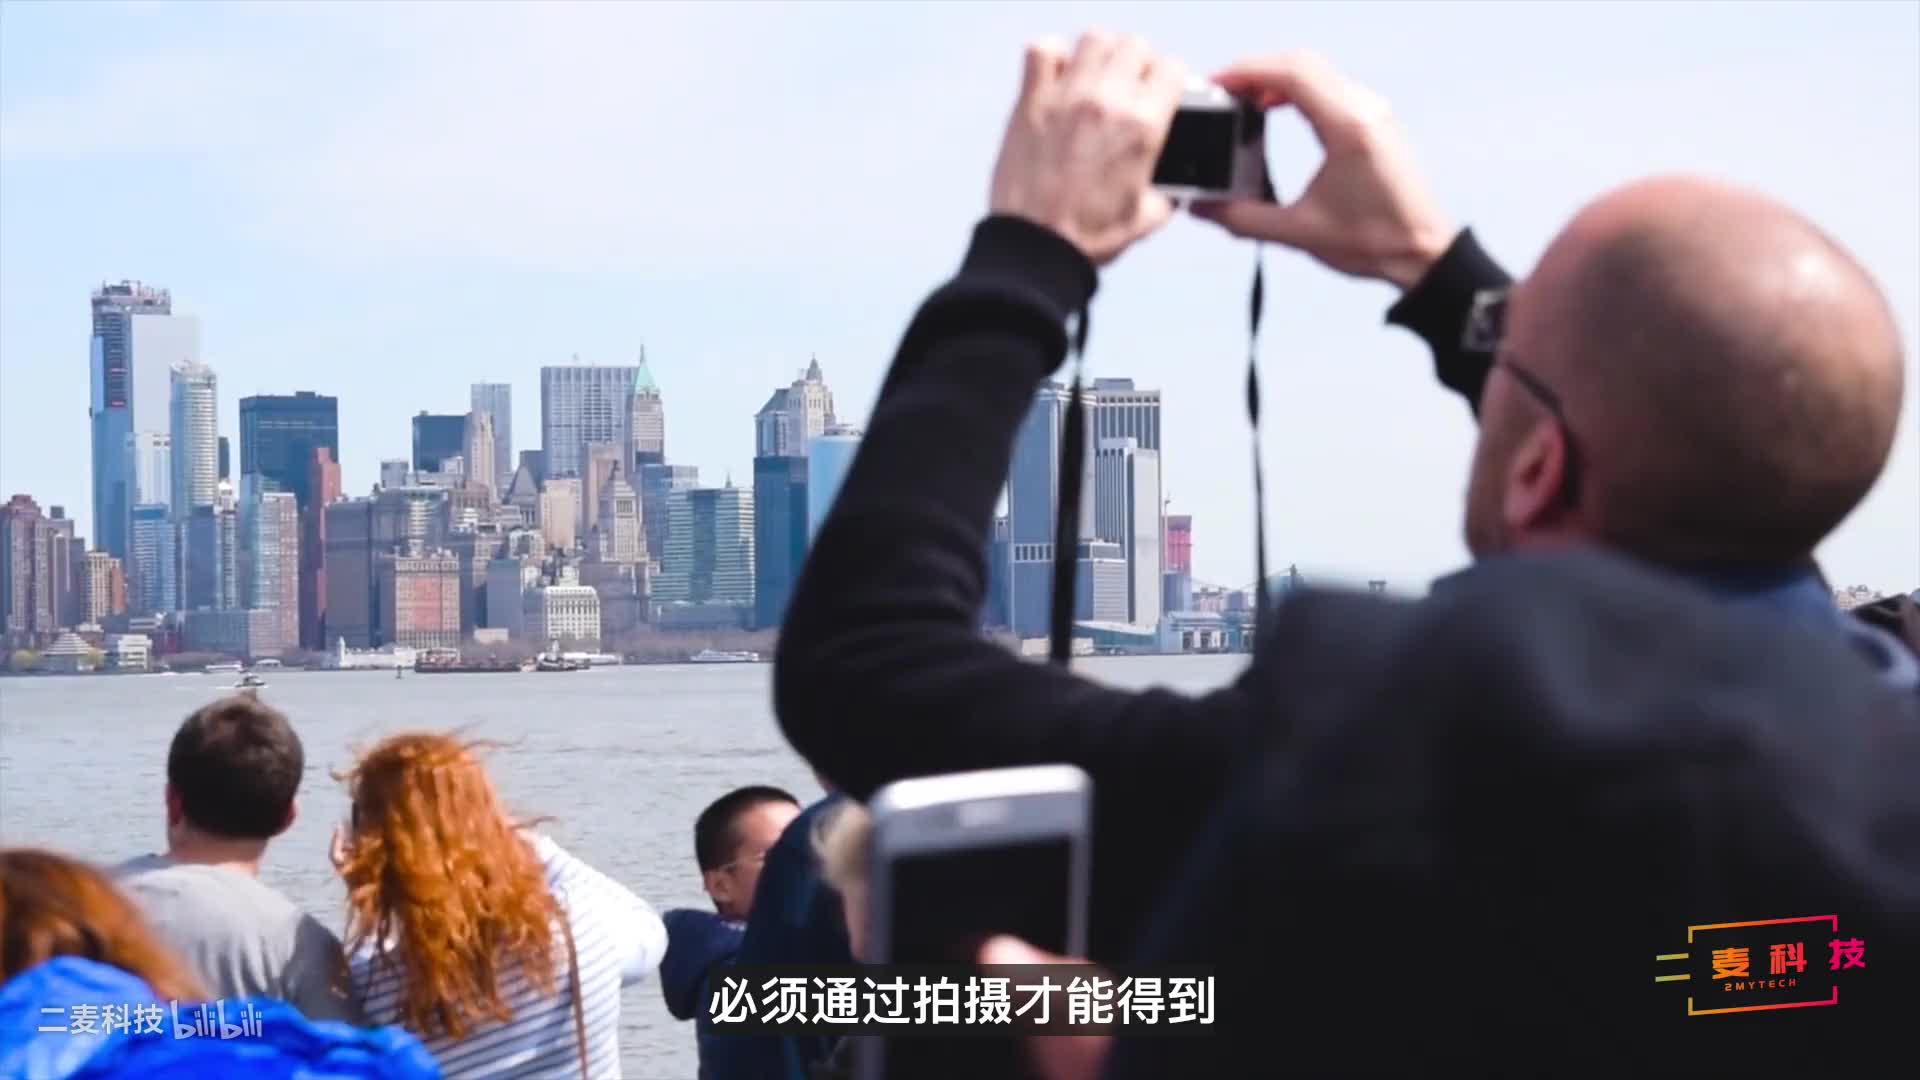 手机摄影|为图片添加光效不再是玄学,各种光线都适合